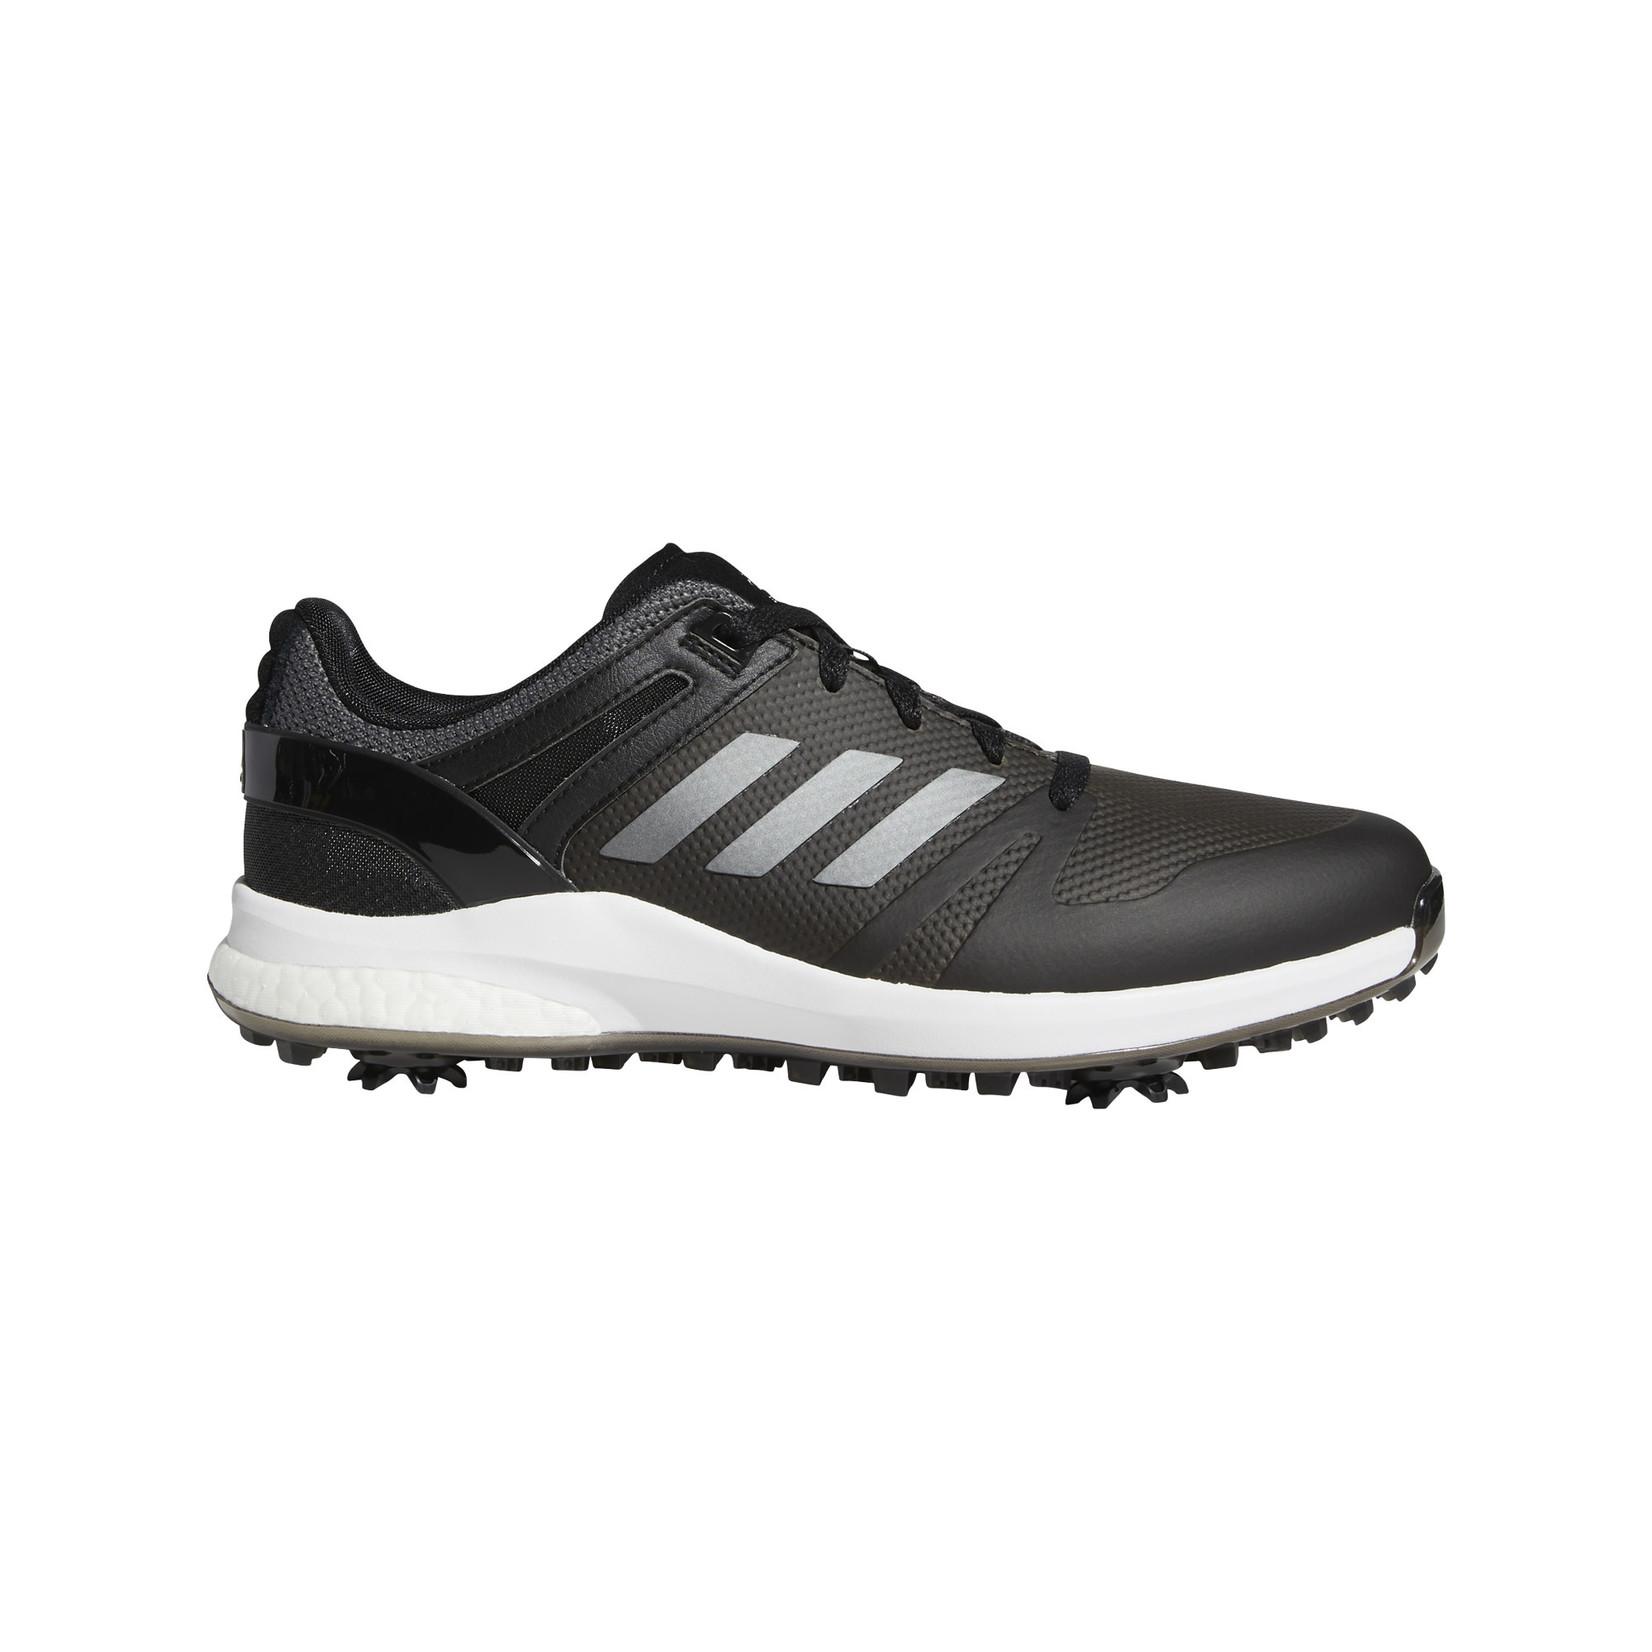 Adidas Adidas EQT WIDE black/silver/grey